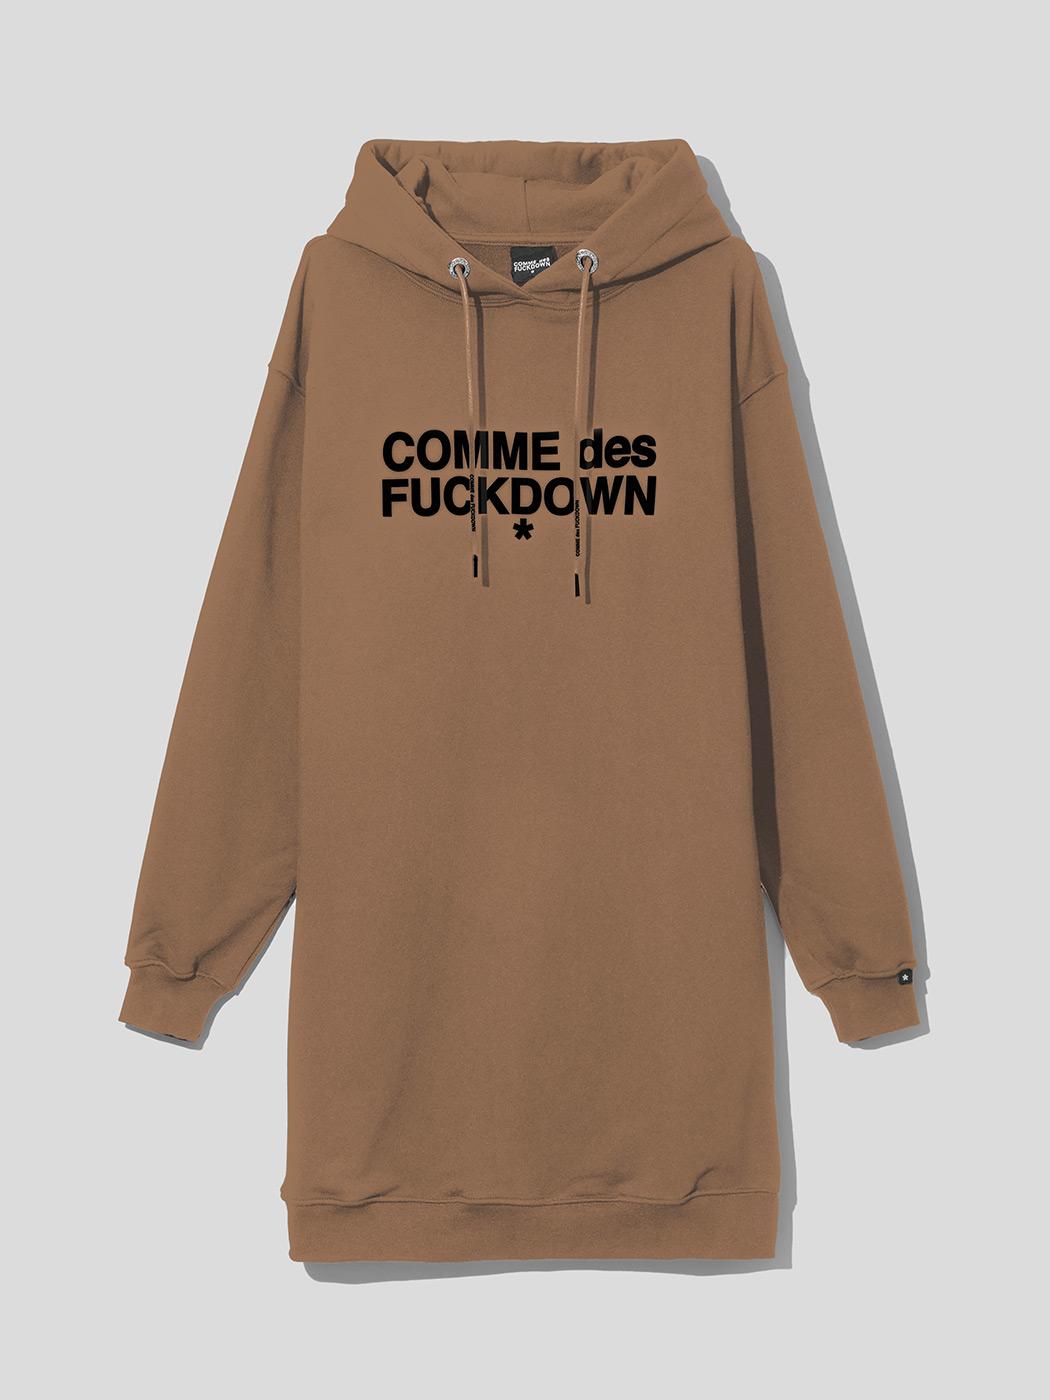 DRESS - CDFD1540 - COMME DES FKDOWN